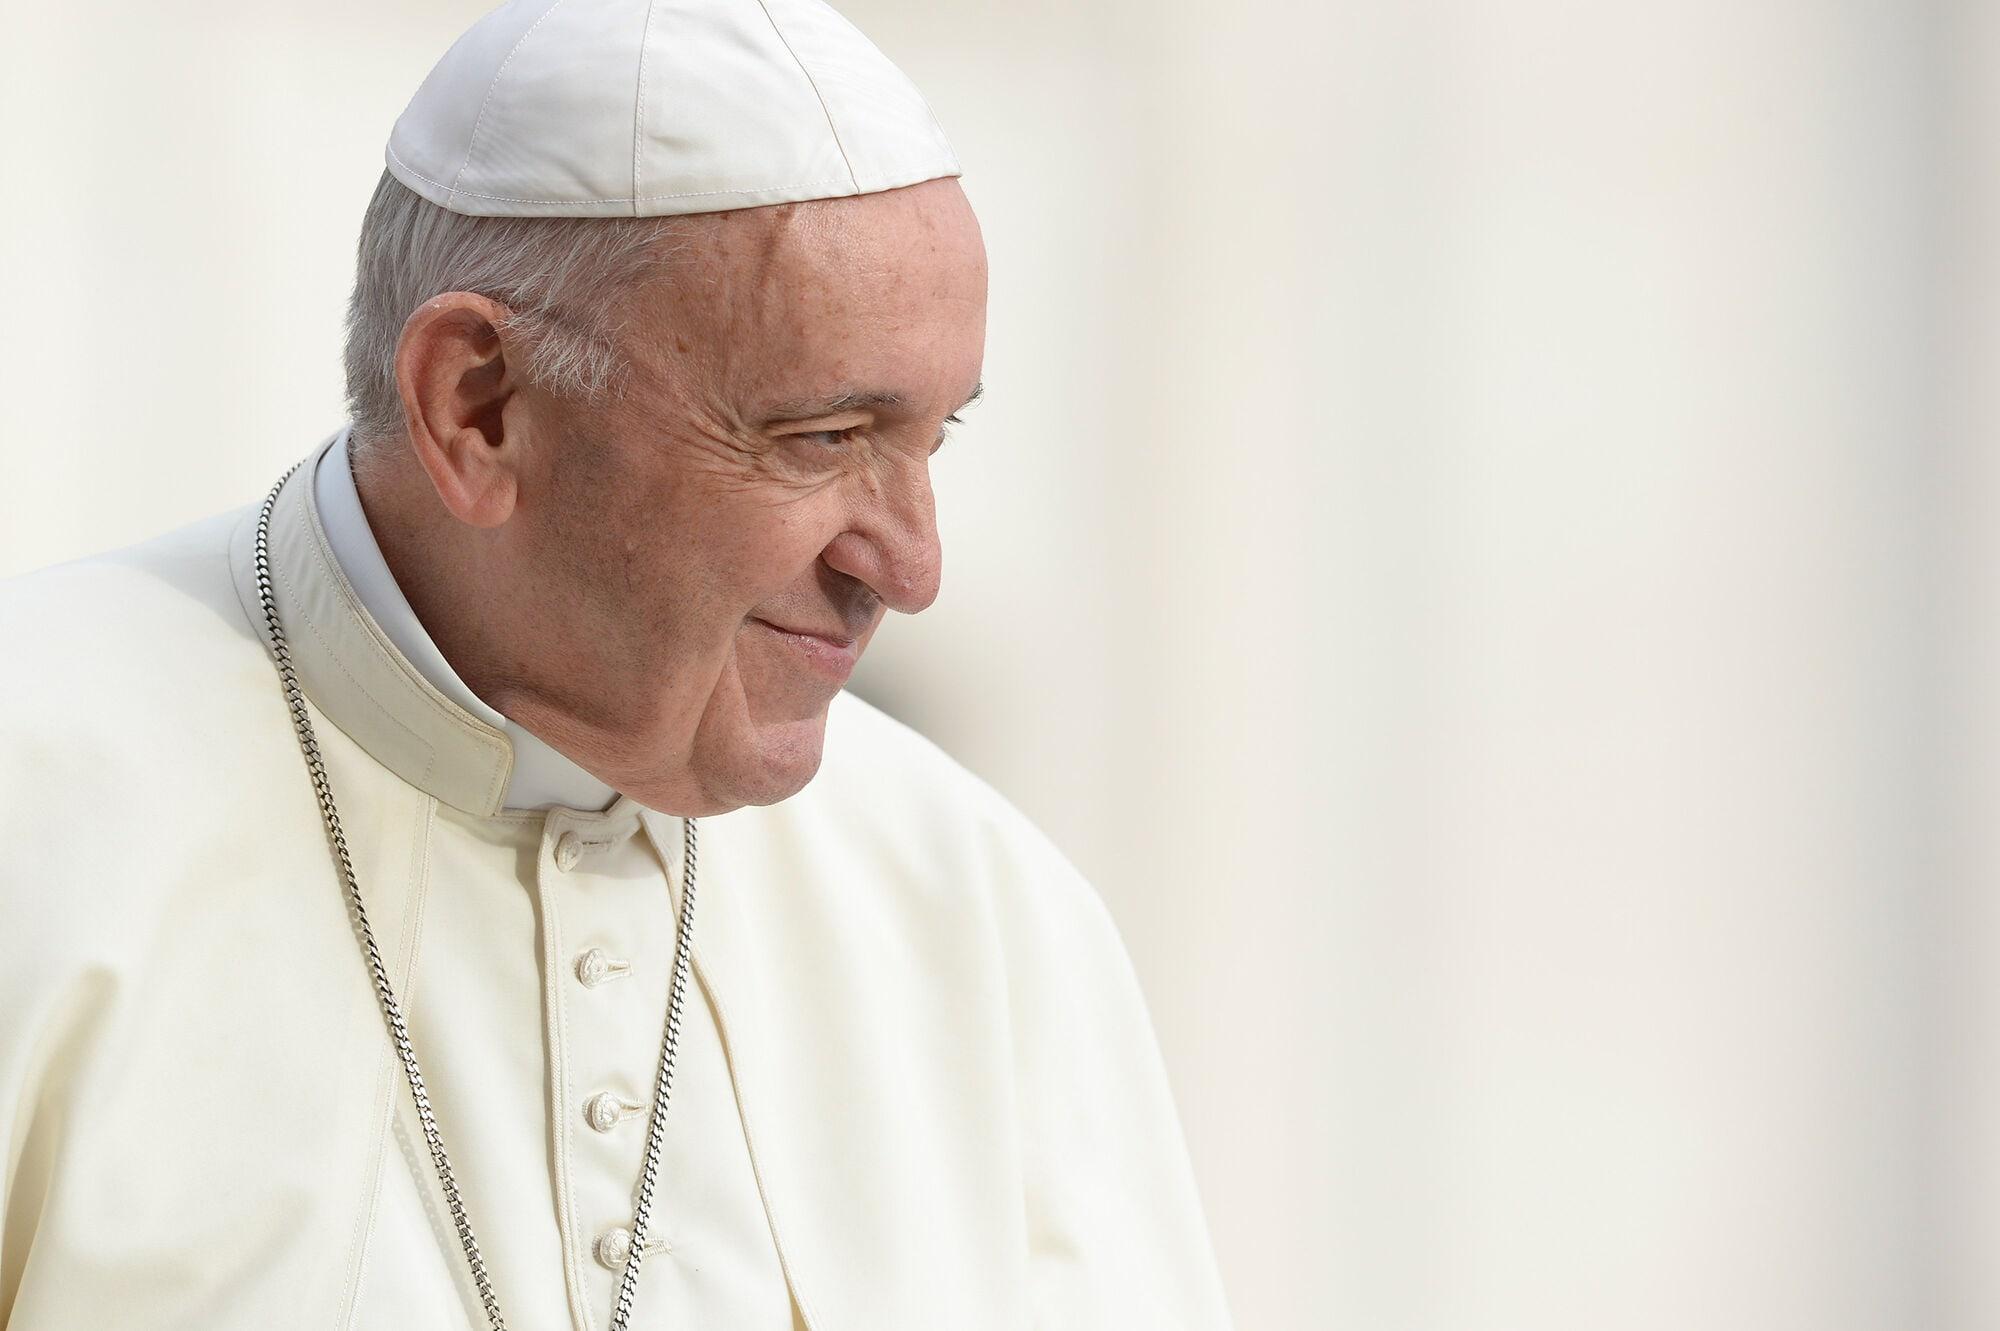 ferenc-pápa-titkosítás-pedofília-vatikán.jpg